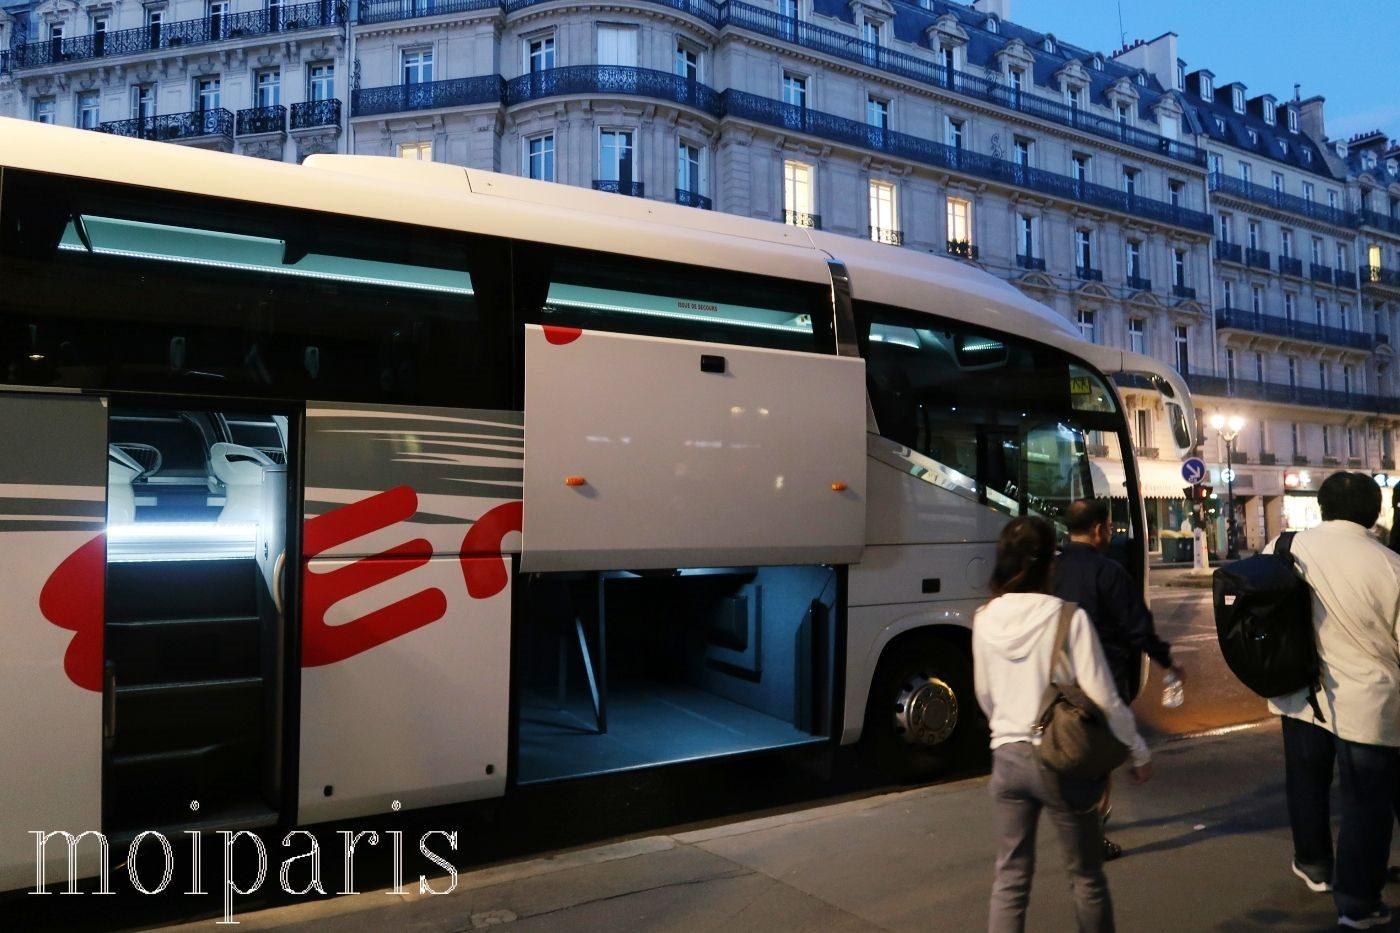 モンサンミッシェル旅行、バス、乗り込む。